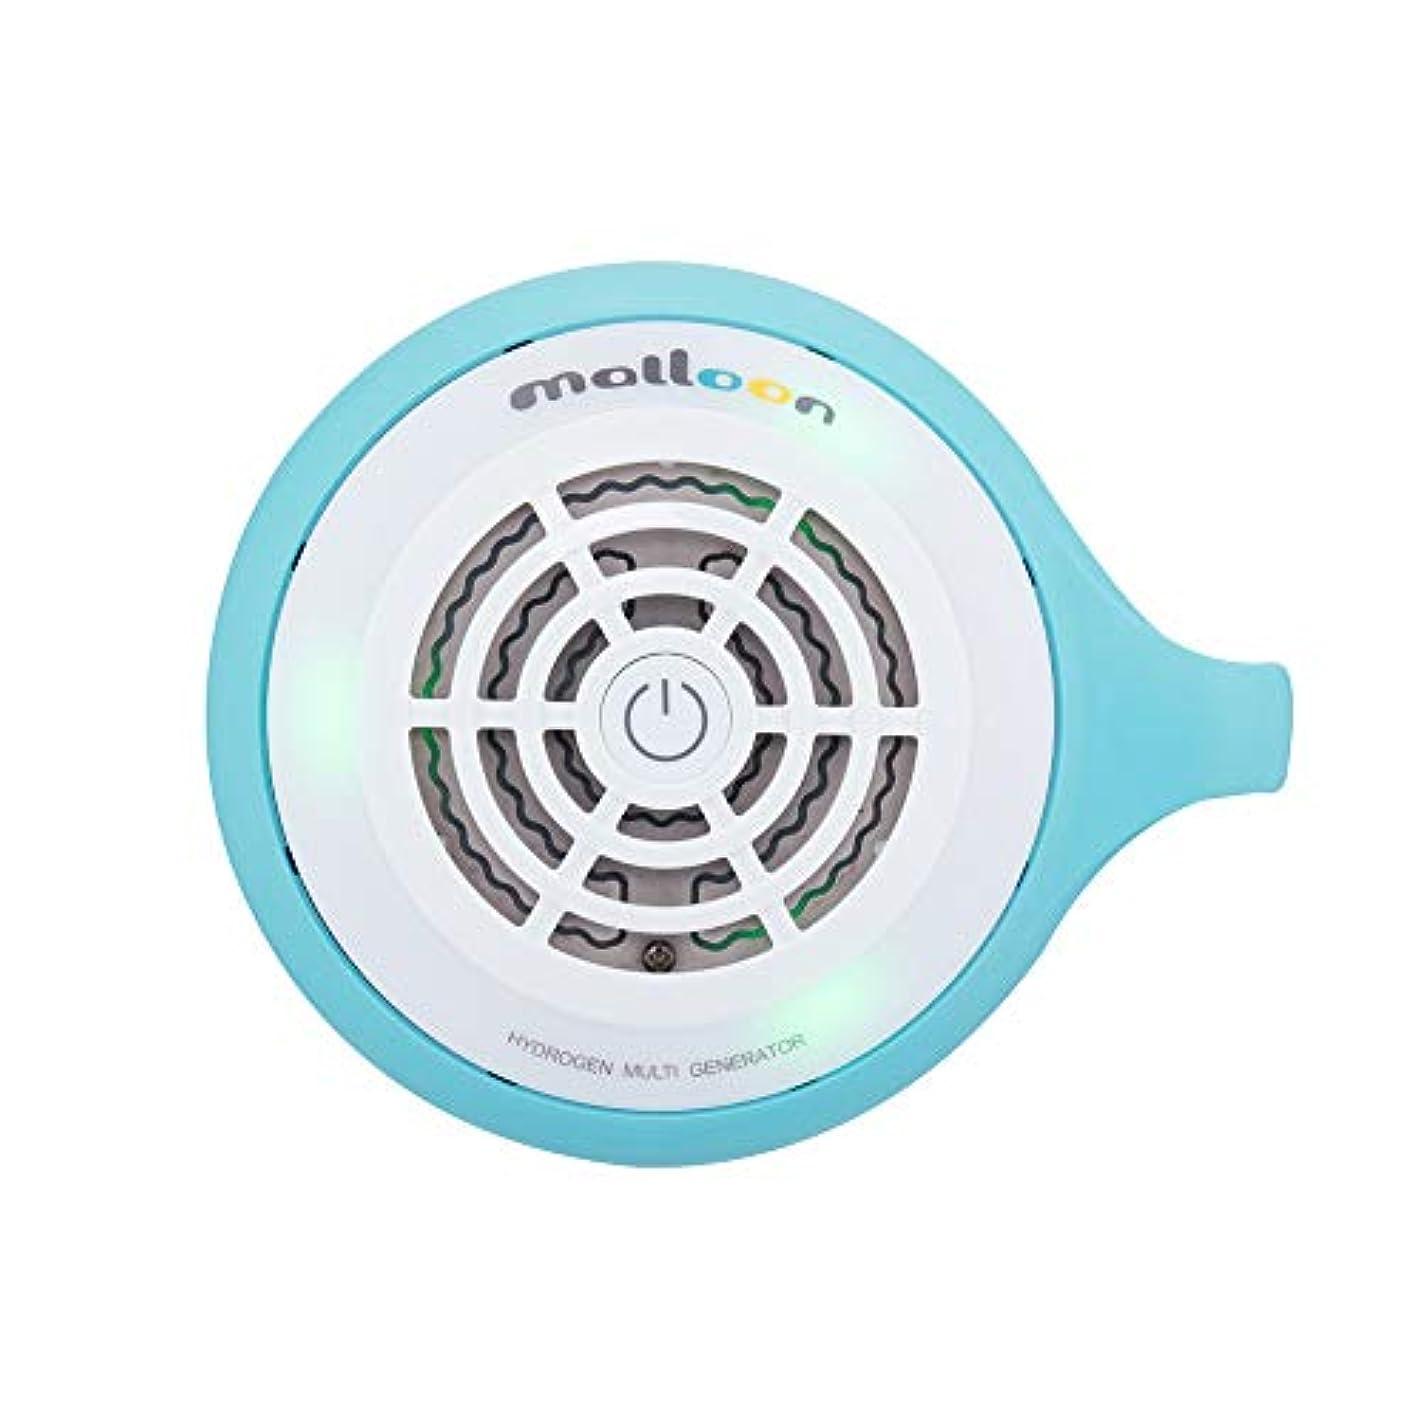 却下する引くフィクションフラックス 水素水生成器 水素風呂 マルーン(malloon) ルリ FLMA-16 Ruri